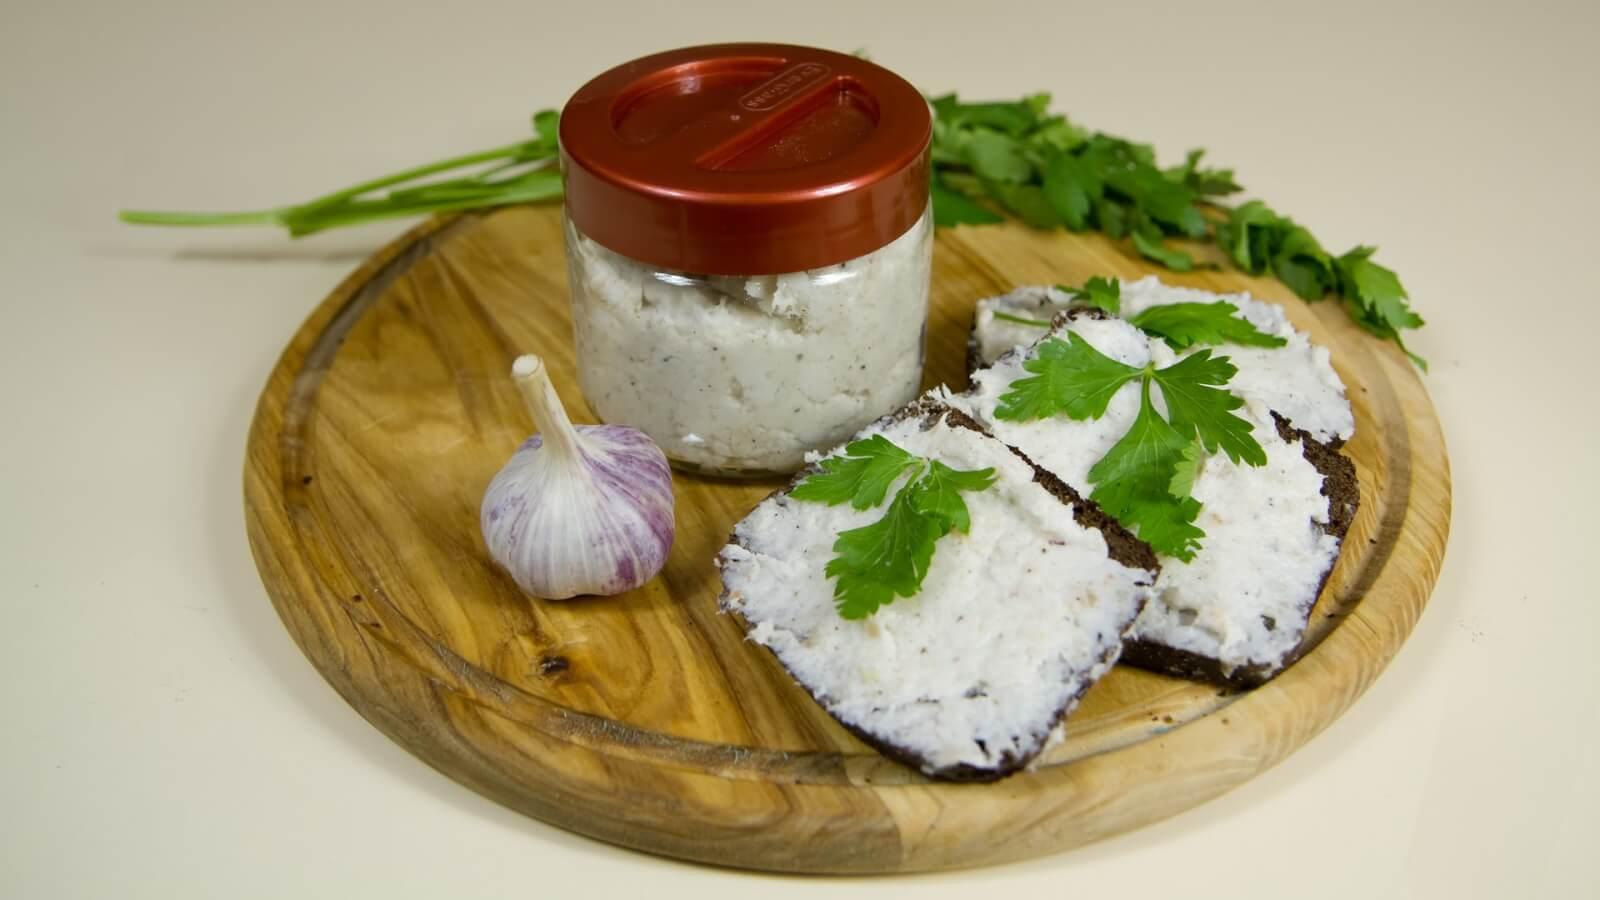 О том, чем полезно соленое сало, какие имеет противопоказания к употреблению